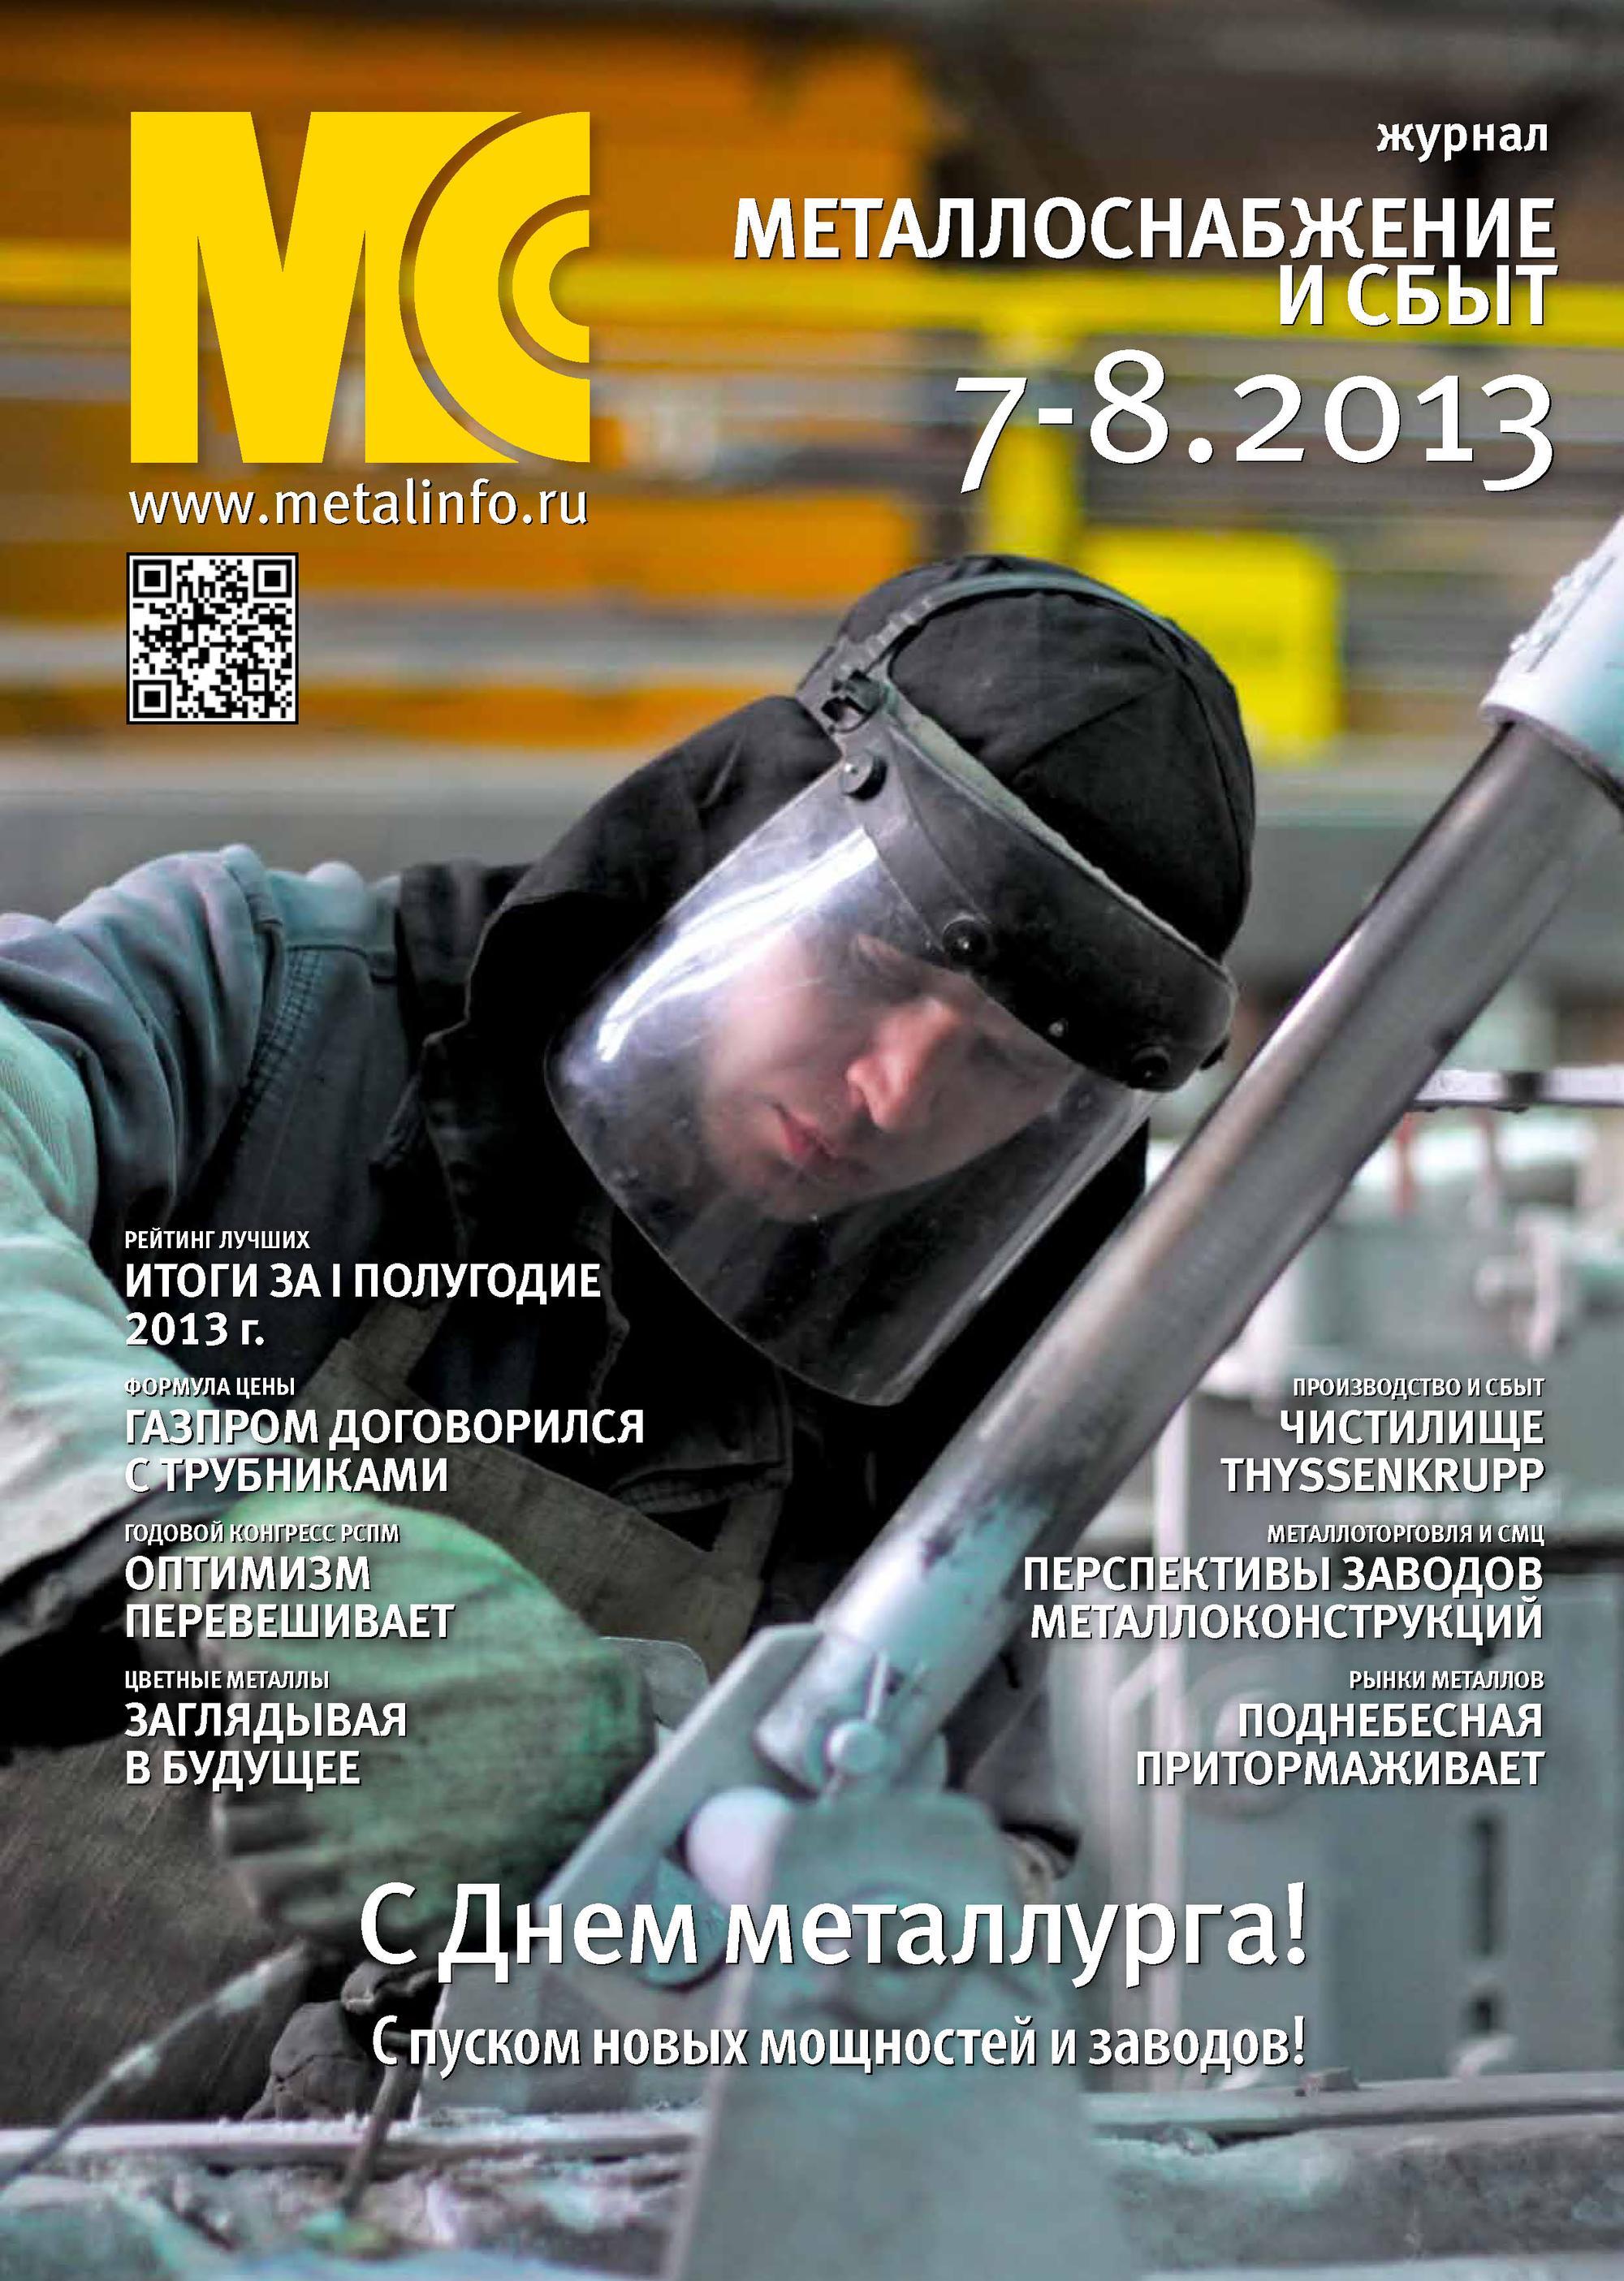 Металлоснабжение и сбыт №07-08/2013